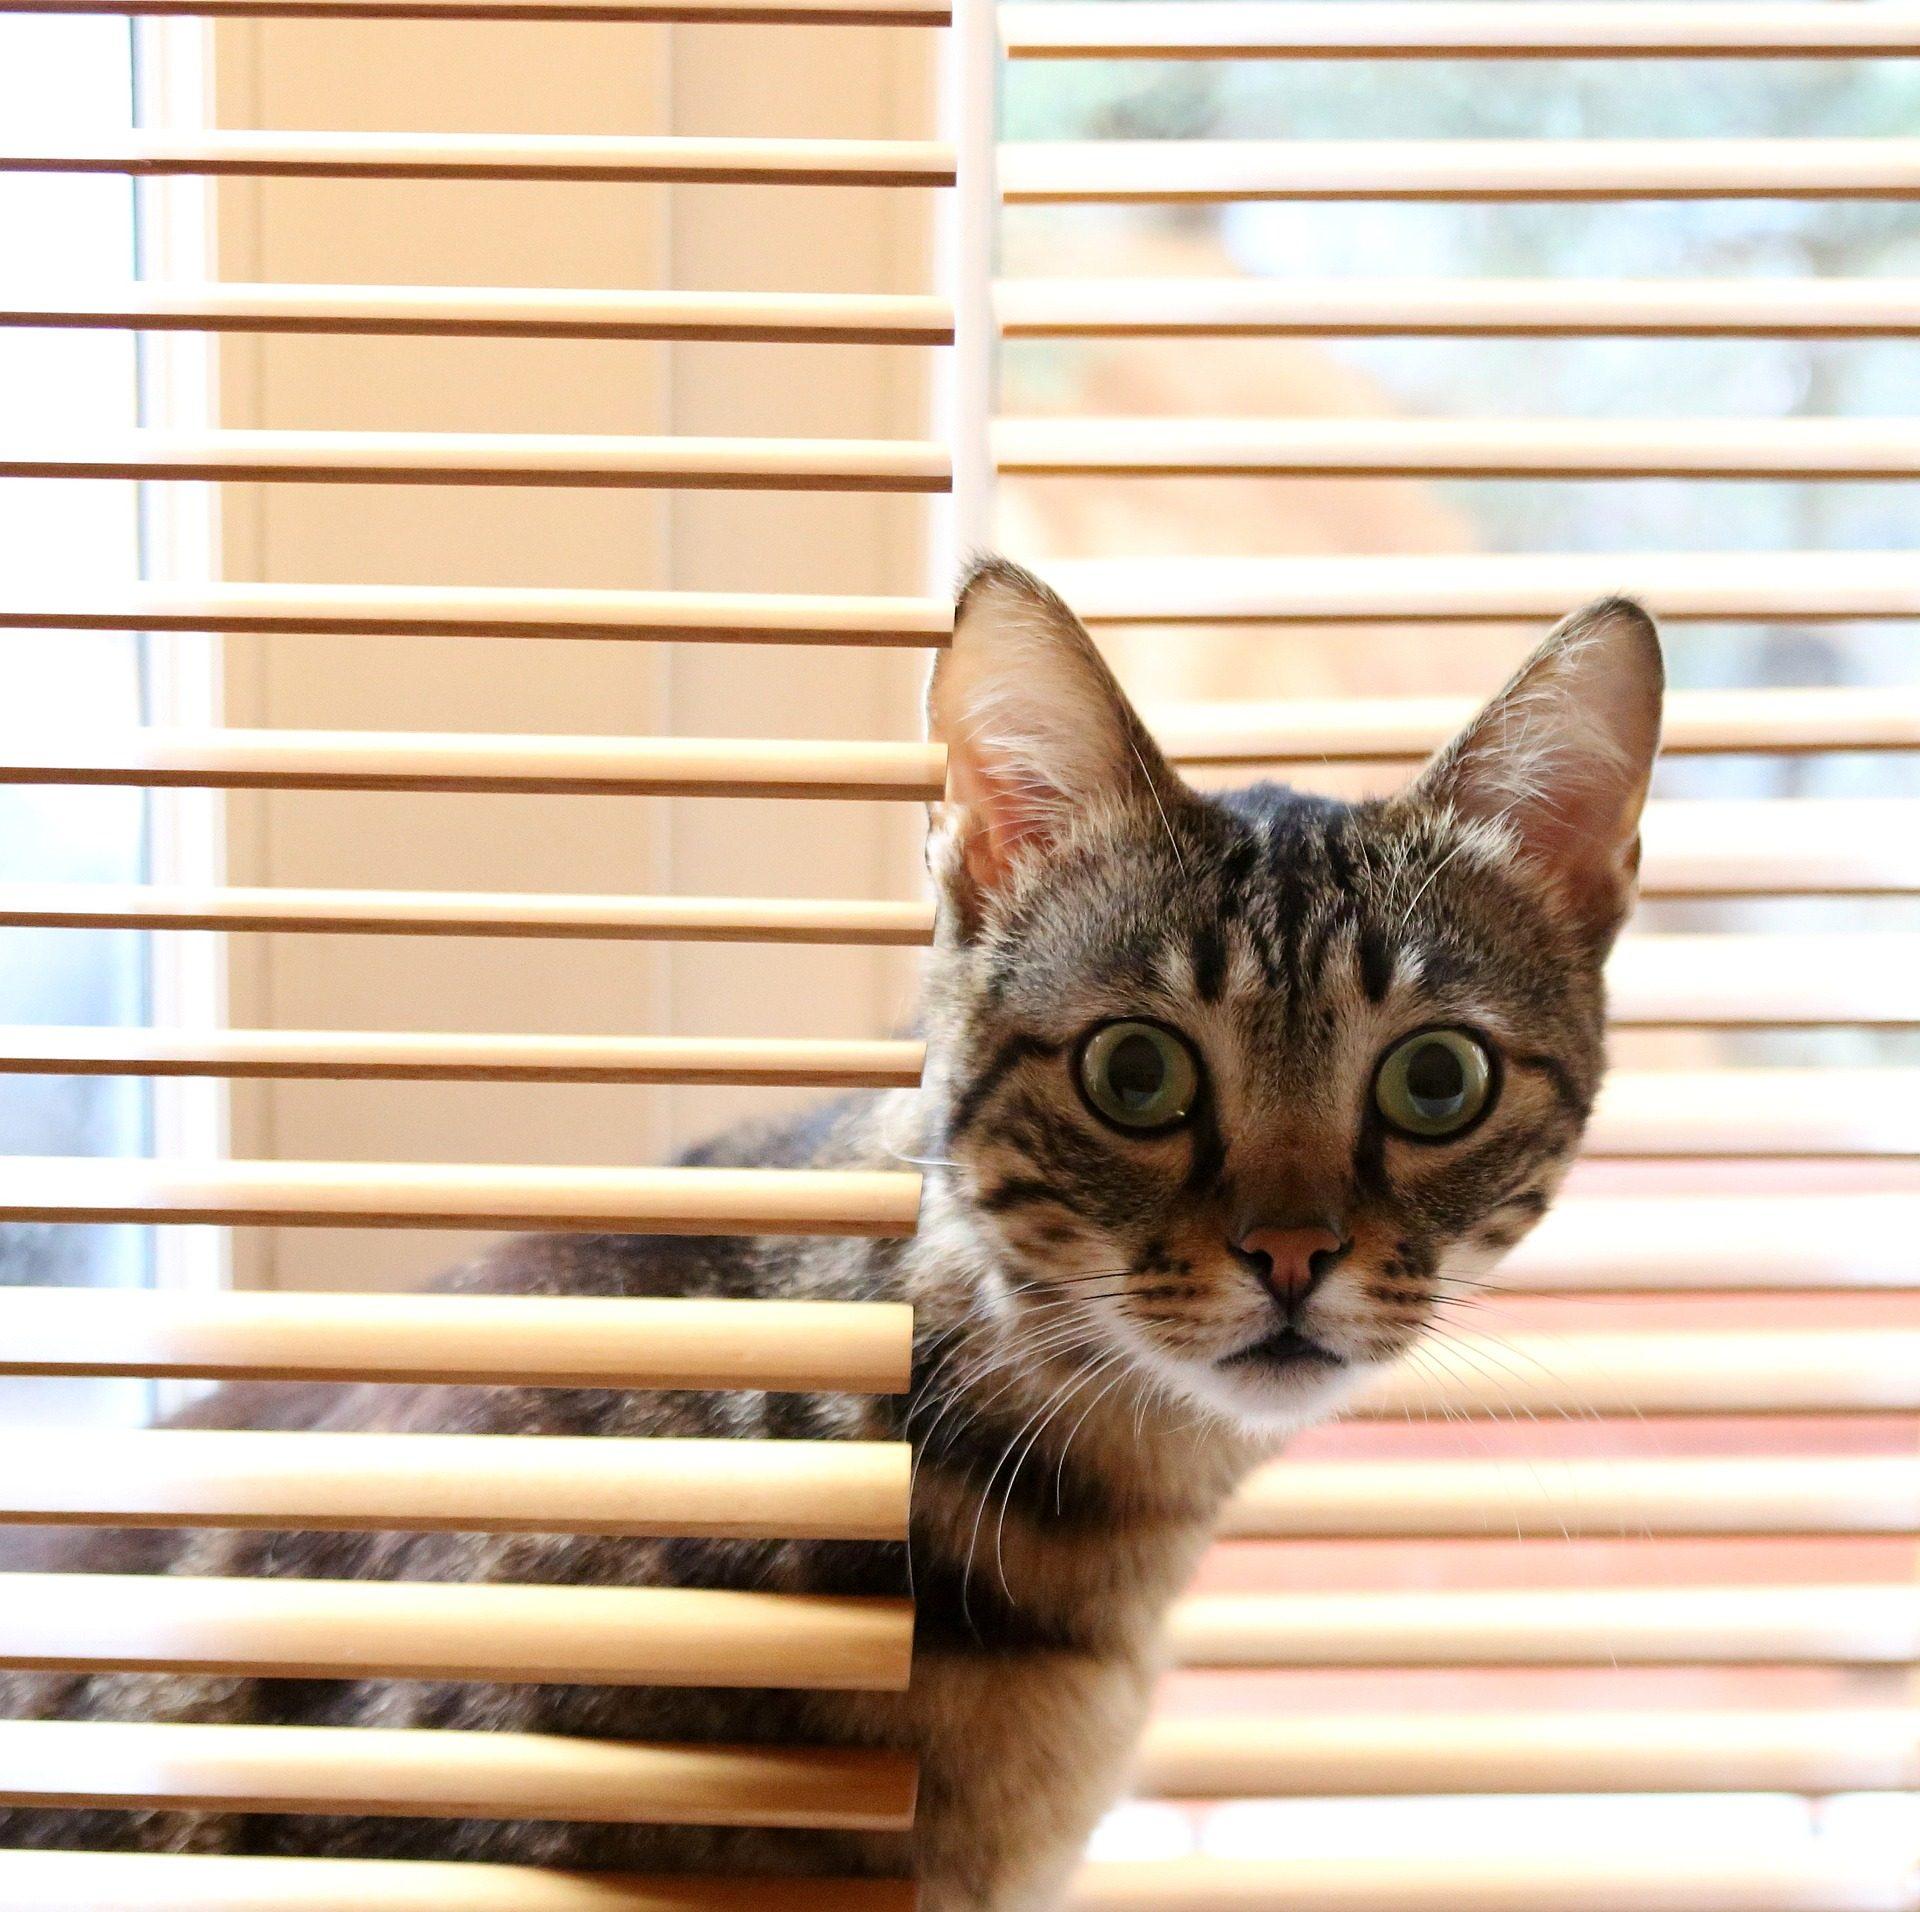 gatto, felino, persiana, finestra, sguardo, stupore - Sfondi HD - Professor-falken.com